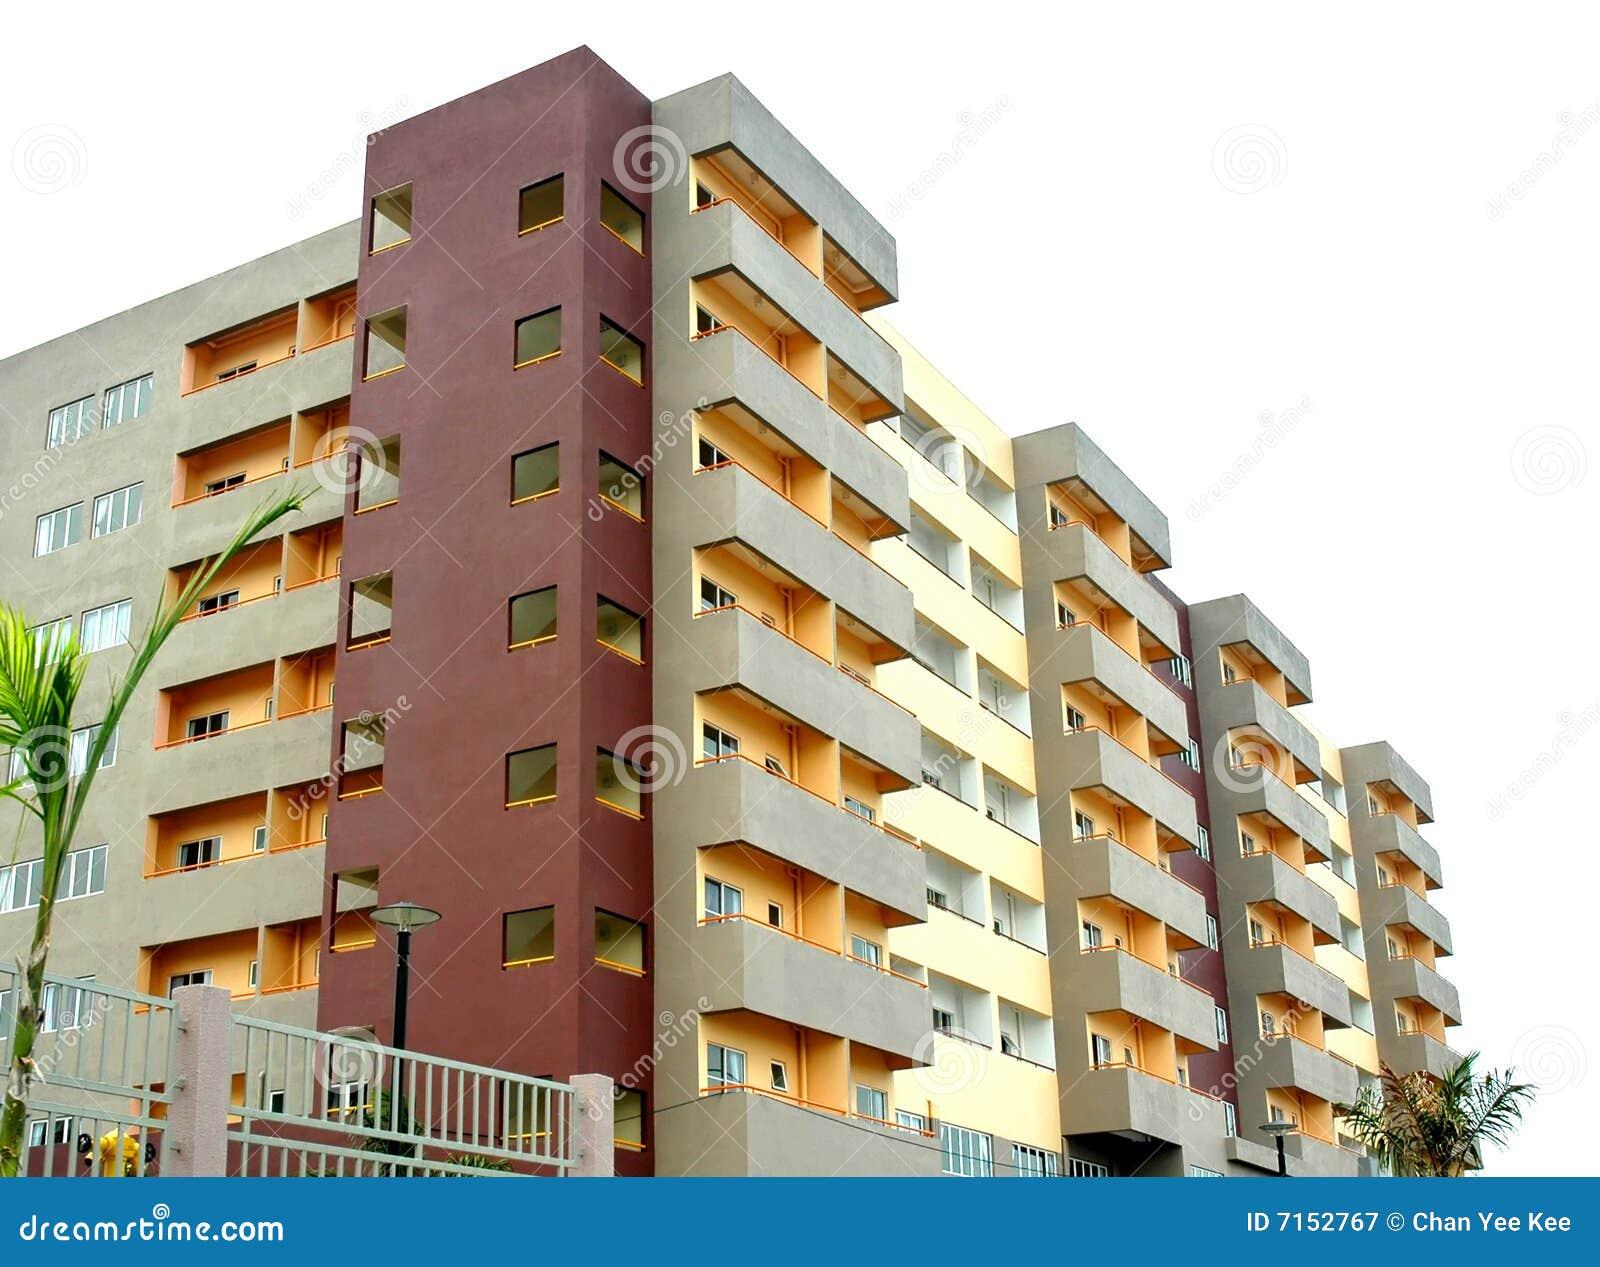 Colorful new condominium